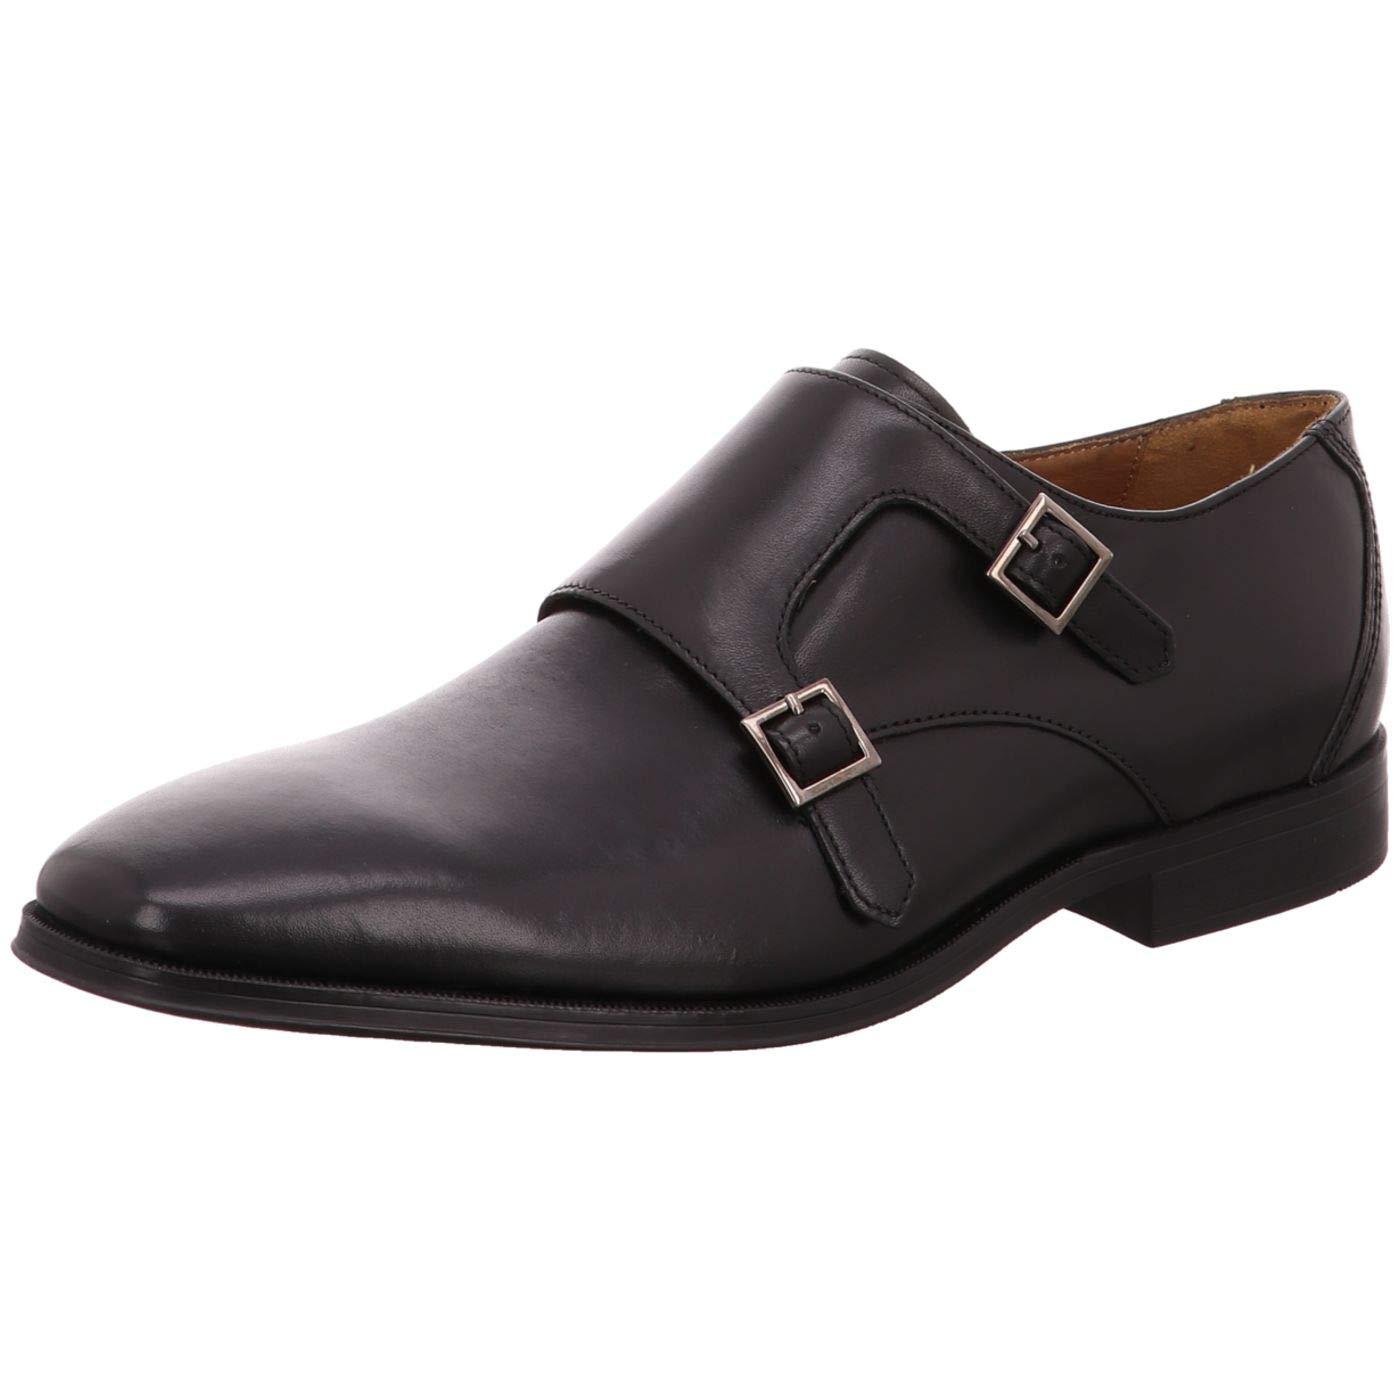 Clarks Herren Gilman Step Slipper Schwarz (schwarz Leather) 45 EU  | Attraktives Aussehen